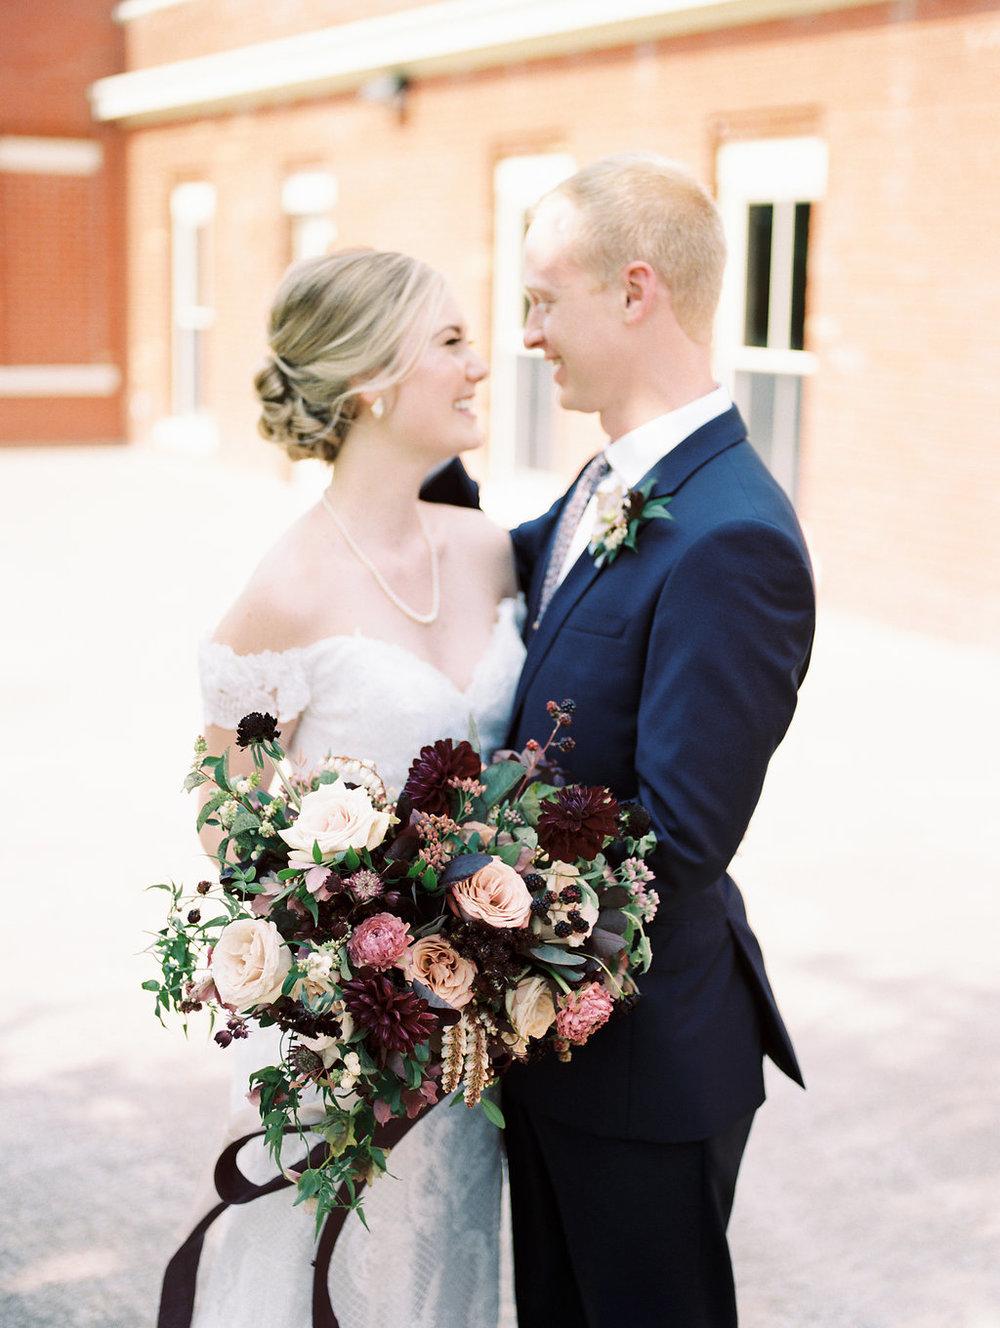 Modern Wedding Ideas in Dallas - Dallas Wedding Florists